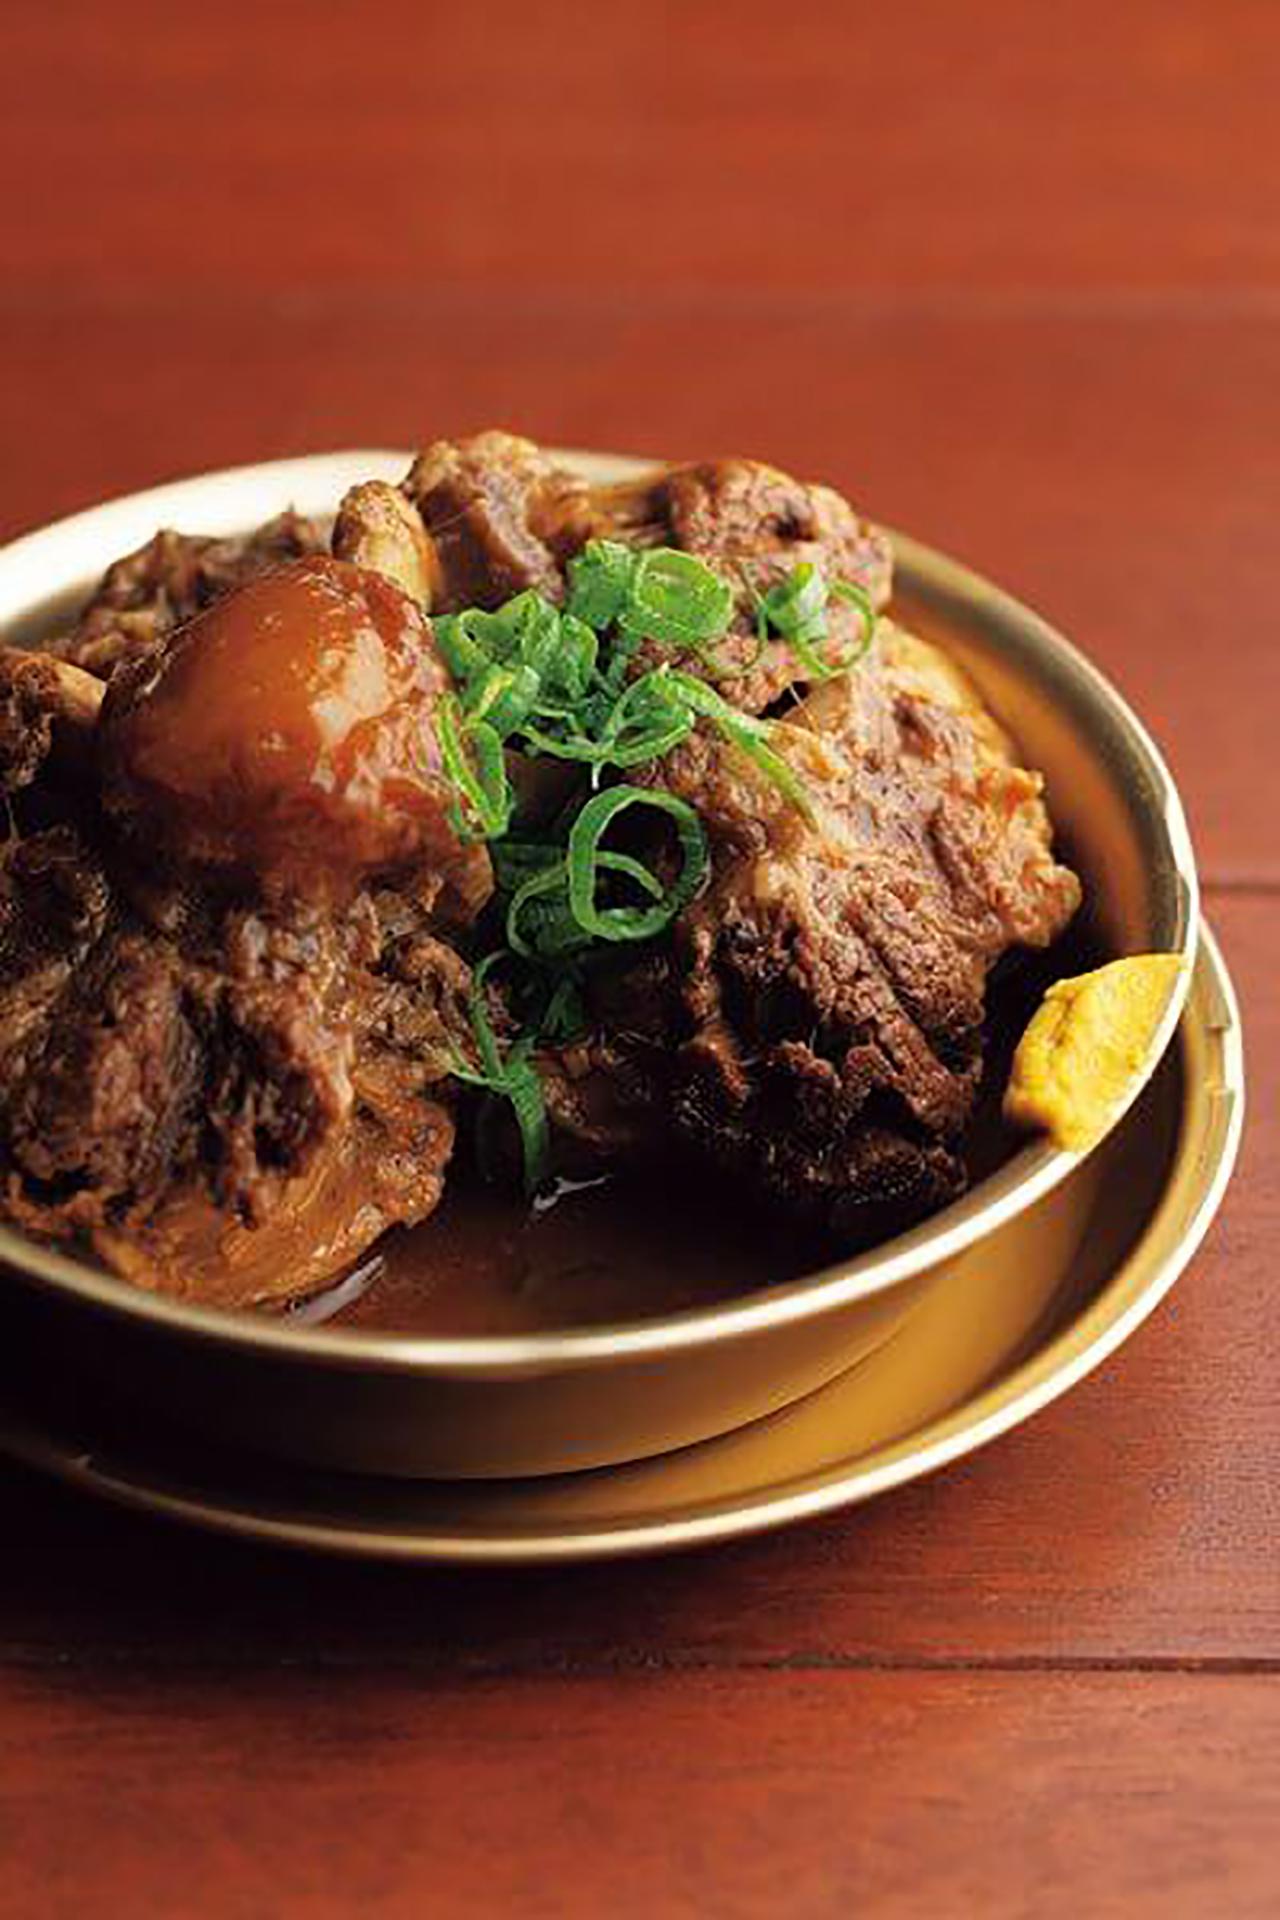 お箸でホロリの牛テールには、京都の[御幸町 関東屋]の八丁味噌のコクが染みている。赤どて牛テール980円